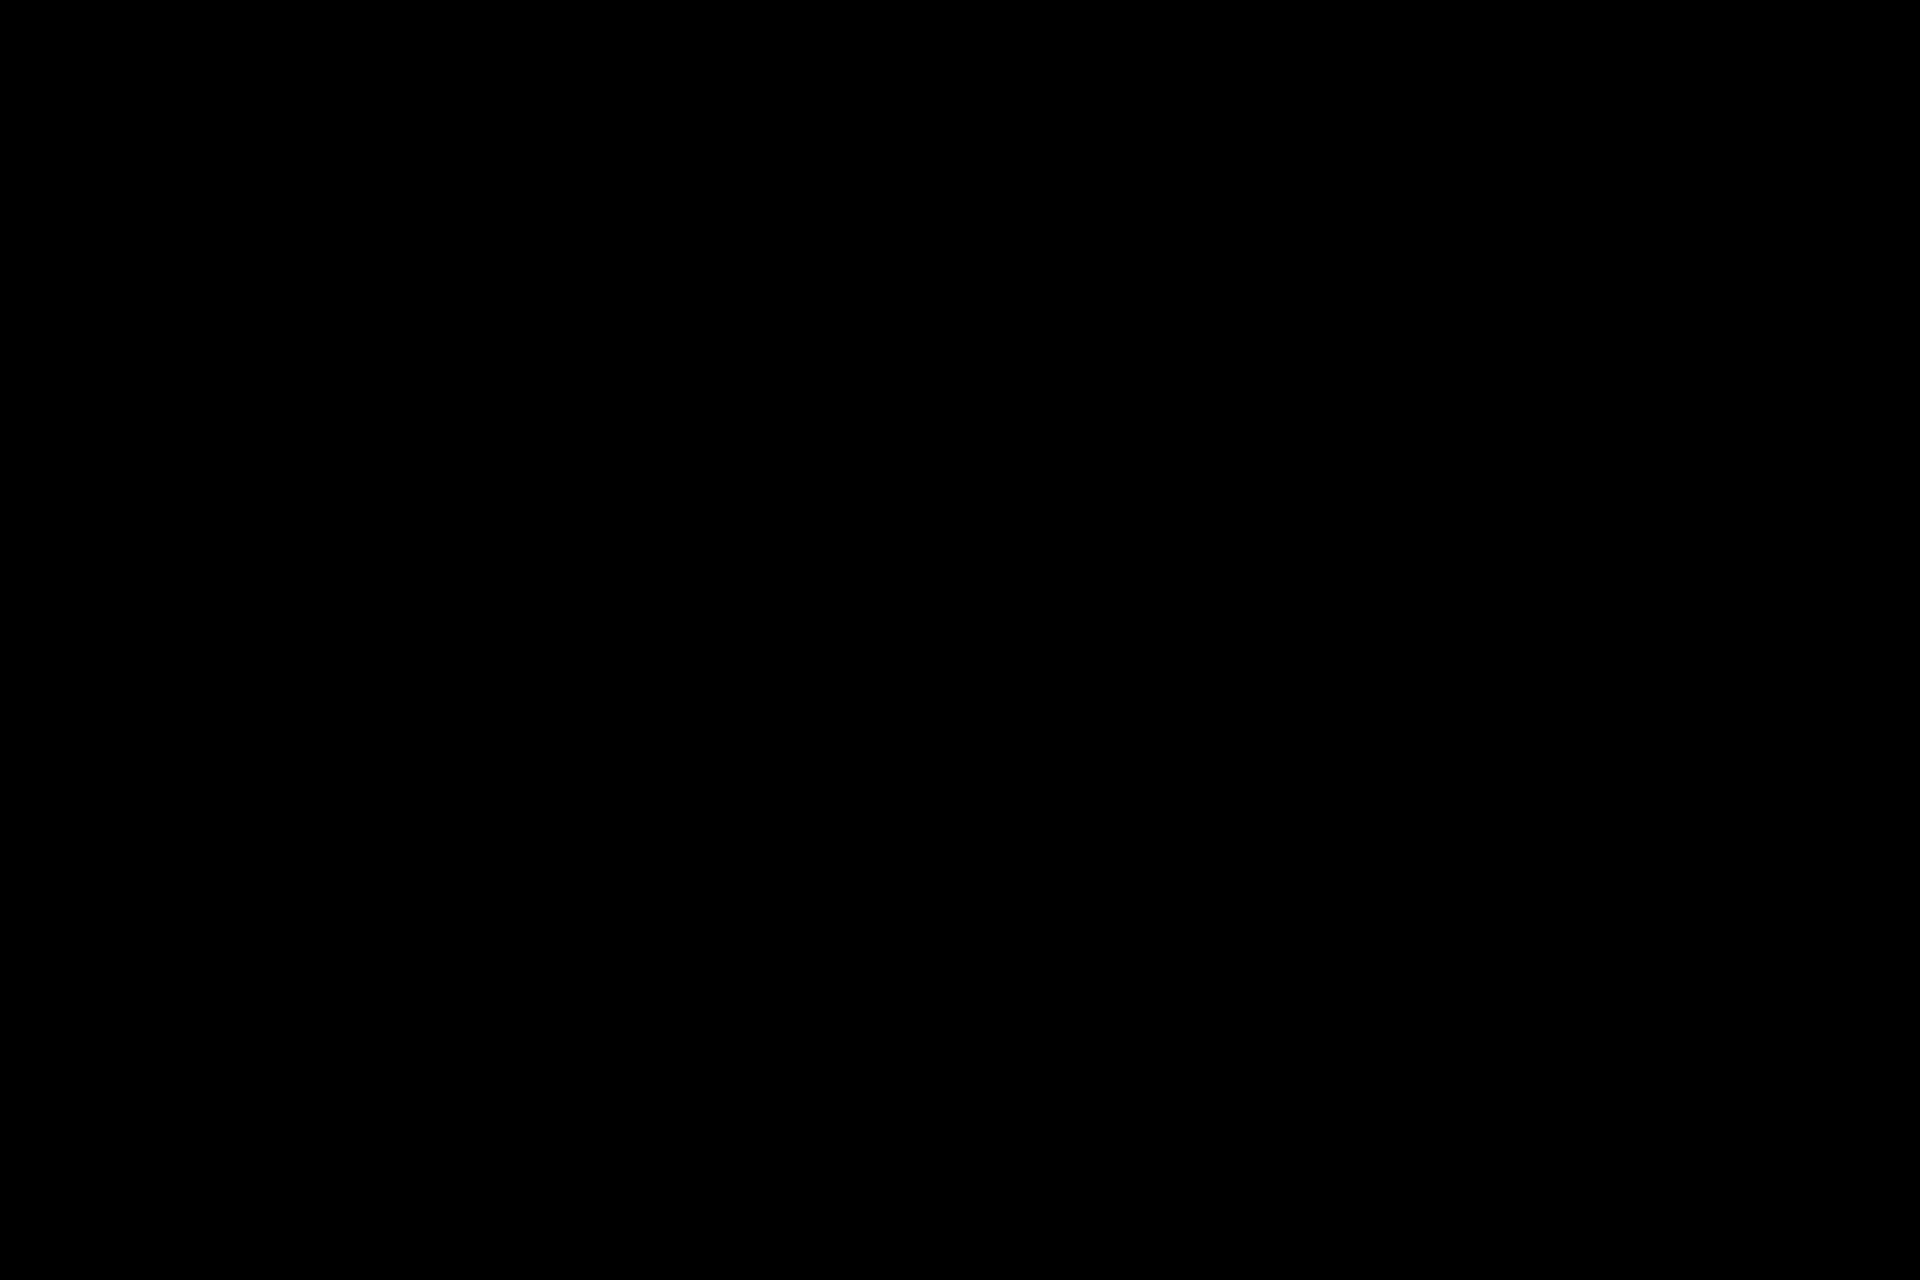 АКТИВАЦИЯ «ТРИ ГЕНЕРАЛА» 23 сентября